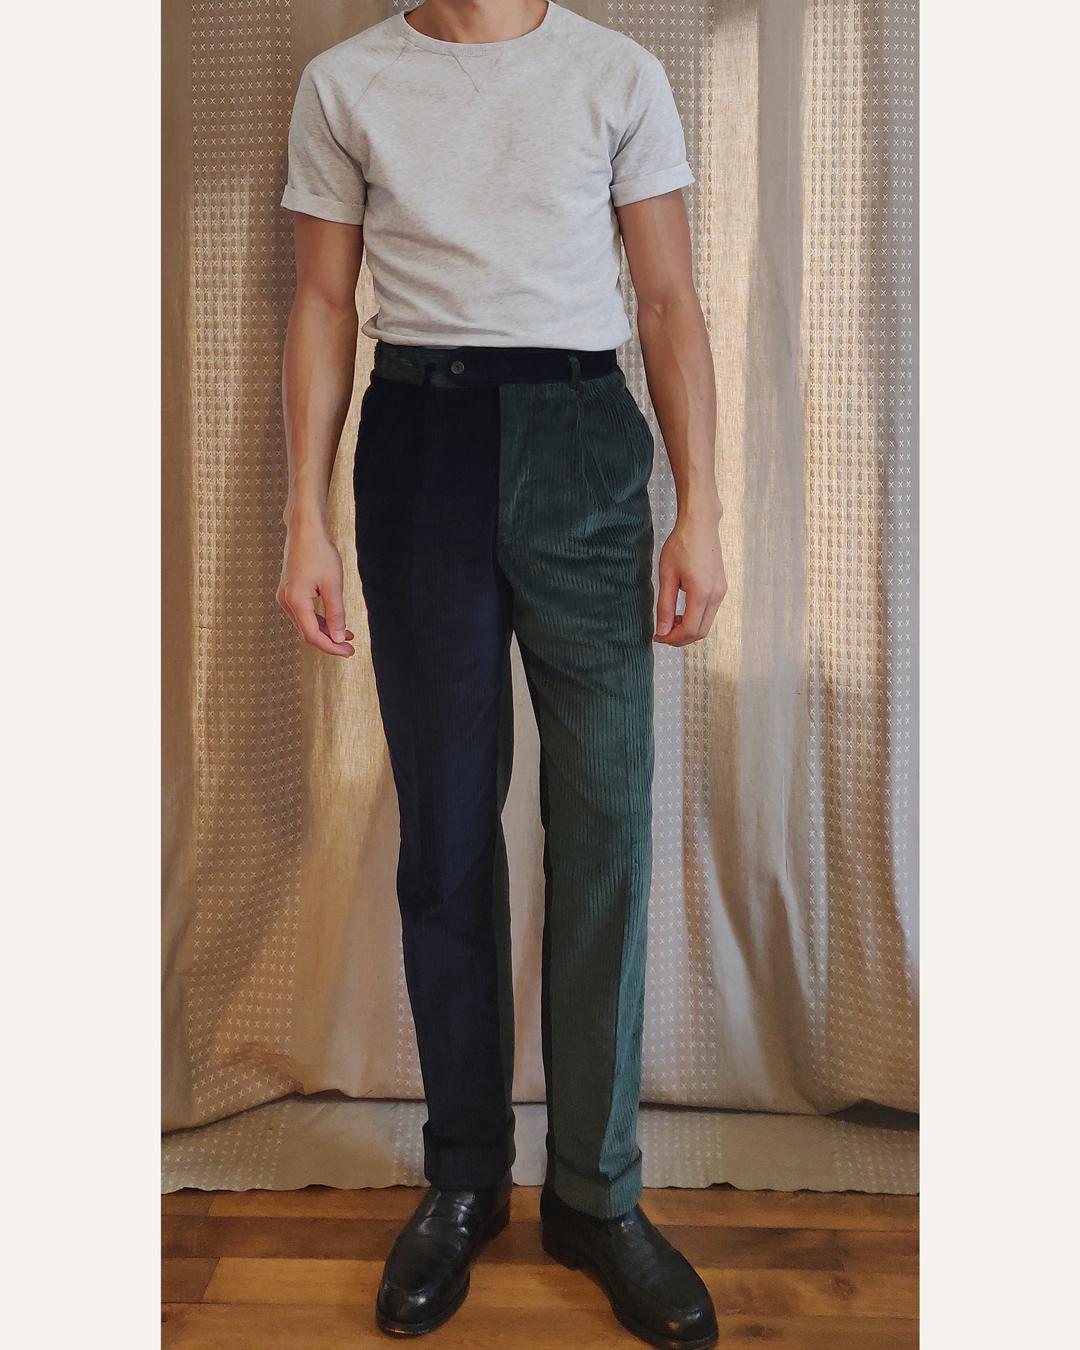 Look pantalon vert et bleu en velours